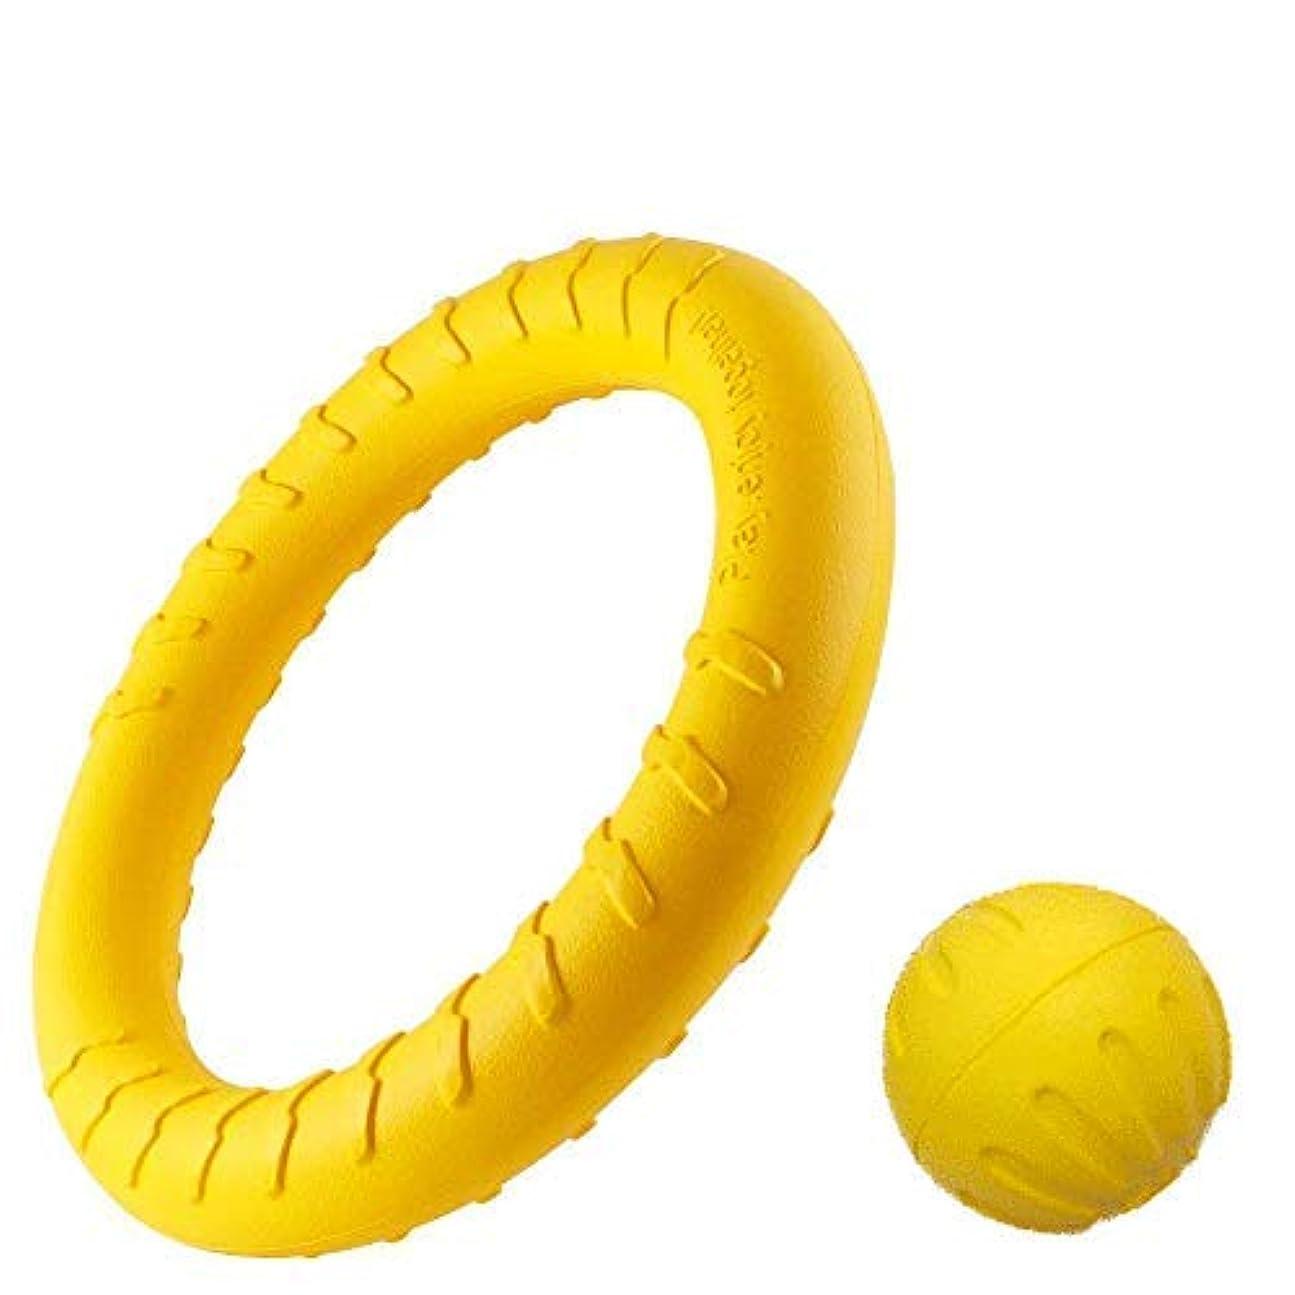 スーパー周りつばLoobani 犬用おもちゃ 浮く 投げる 噛む 耐久性 弾力ボール フィットネスリング 中大型犬適用 イエロー (31CM)